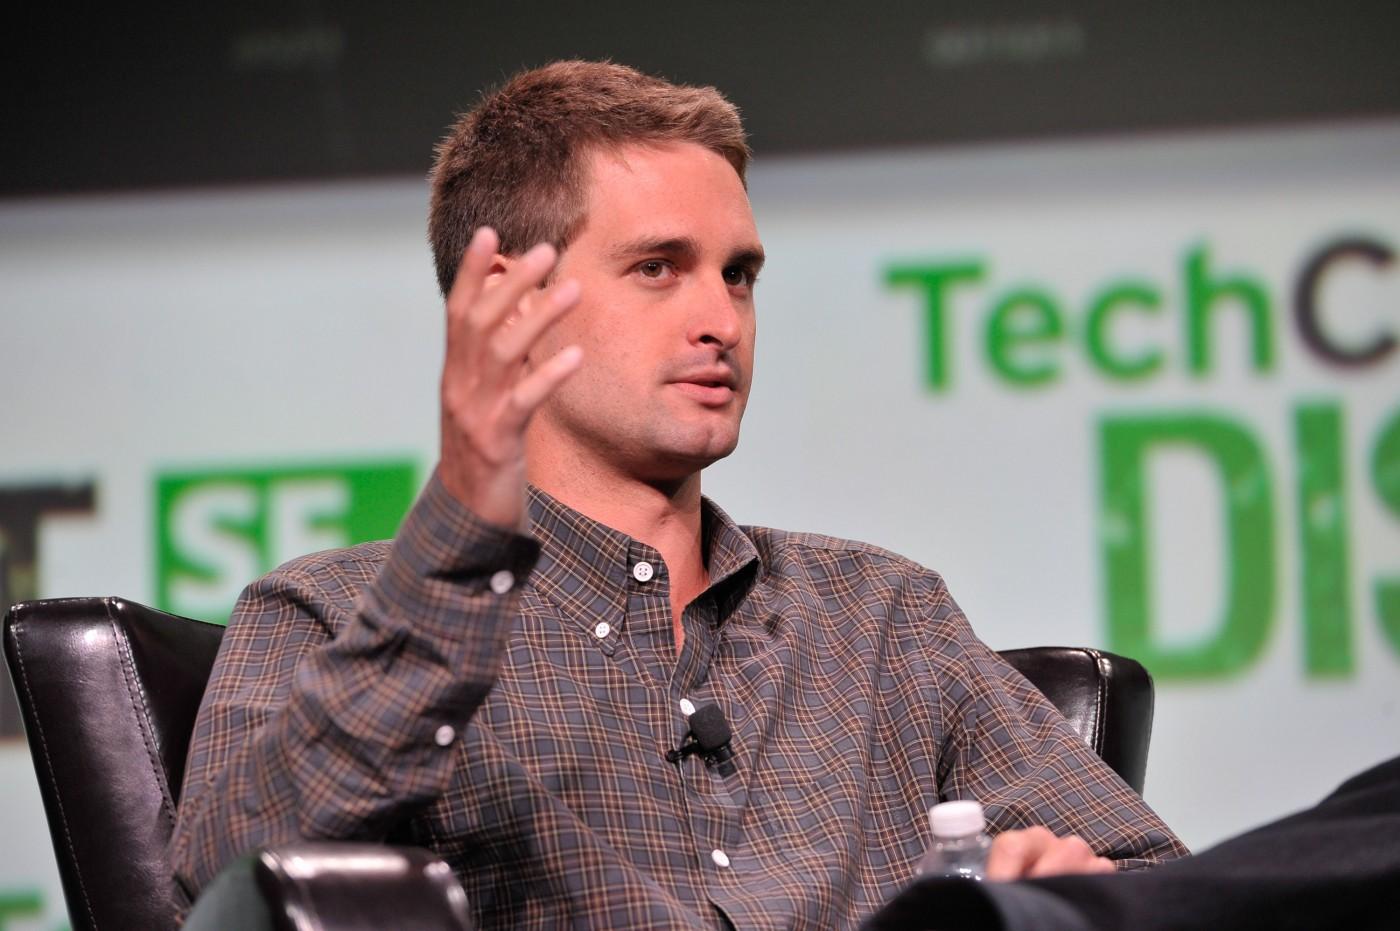 不只是Google的金雞母!Snap和亞馬遜簽署10億美元雲端服務合約